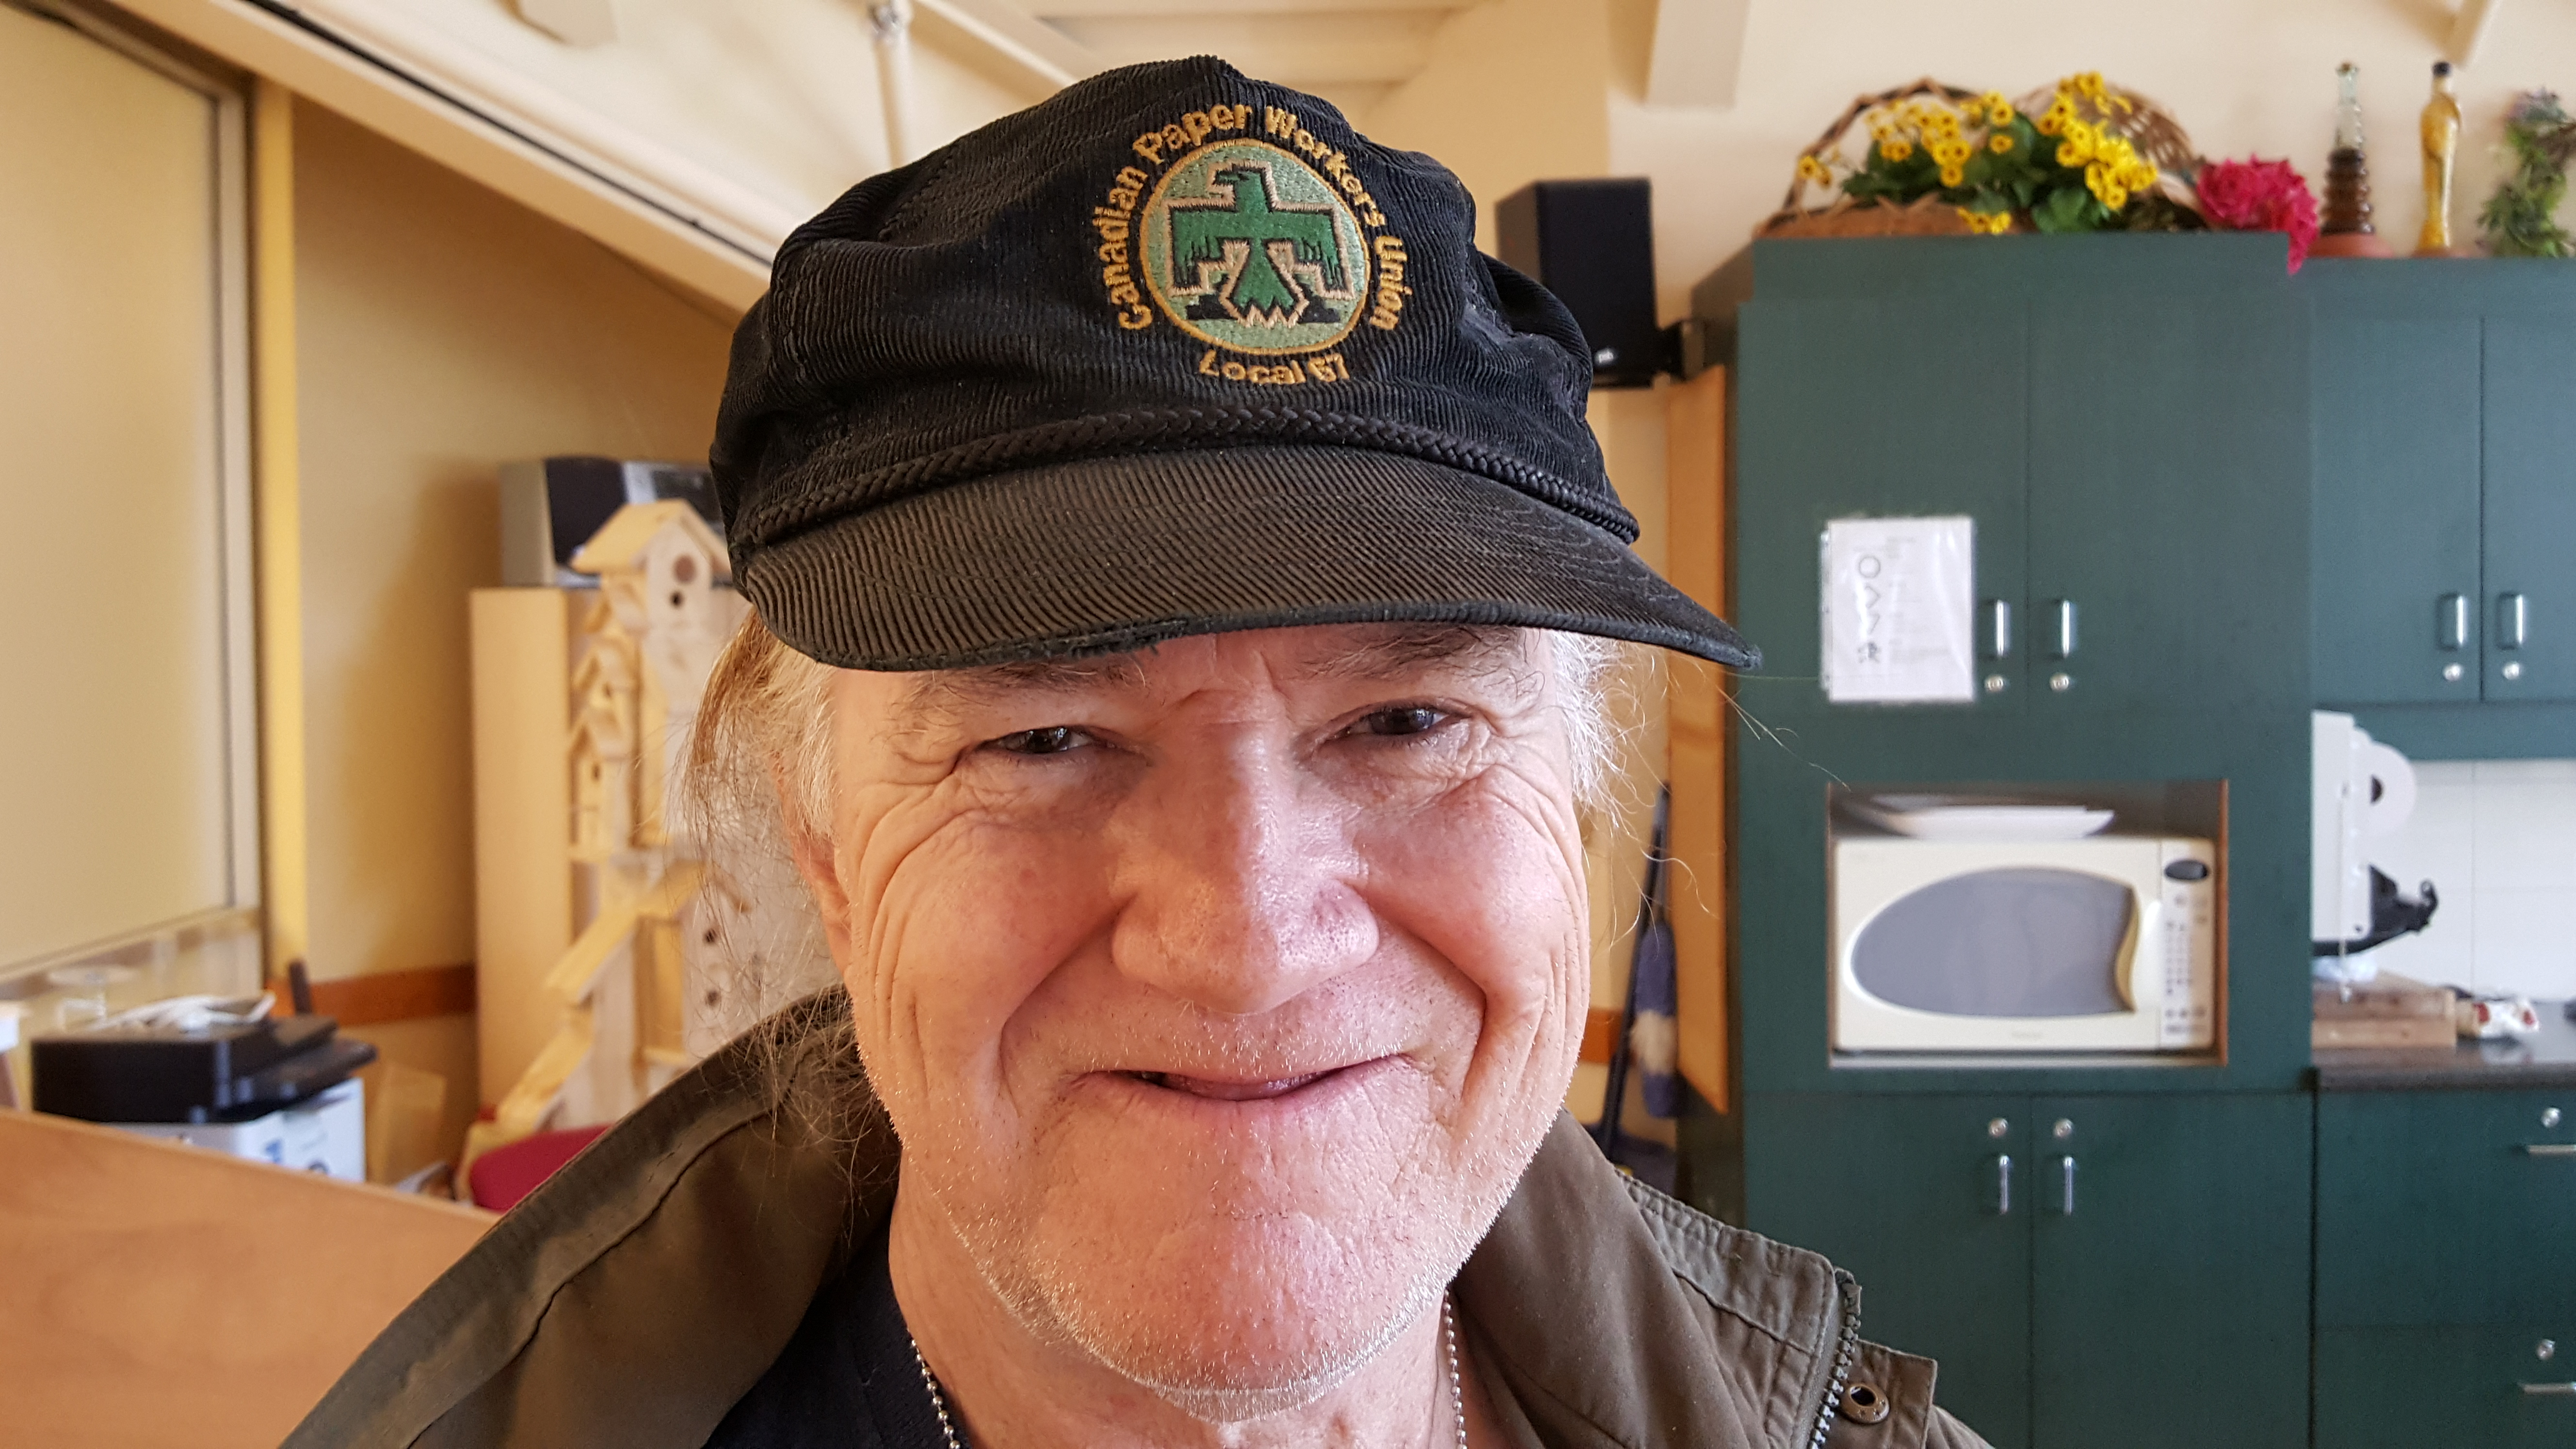 Retraité de l'usine à papier portant une casquette de la 'Canadian Paper Workers Union'. Il se tient debout, souriant, dans la salle de réunion à la mezzanine de l'épicerie Rome's.